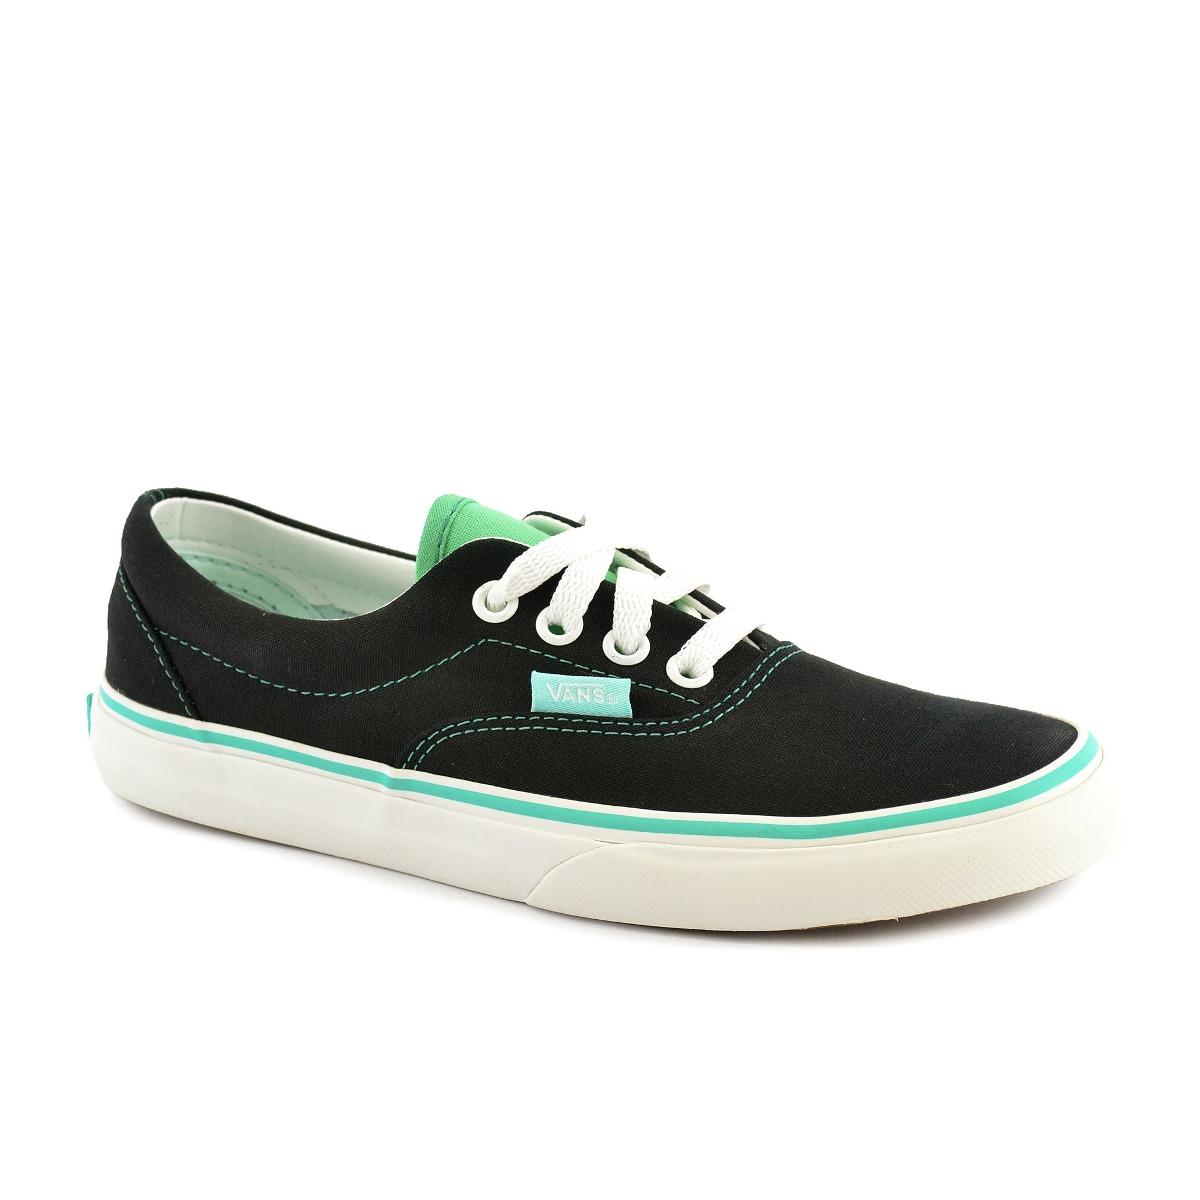 zapatillas vans verdes mujer